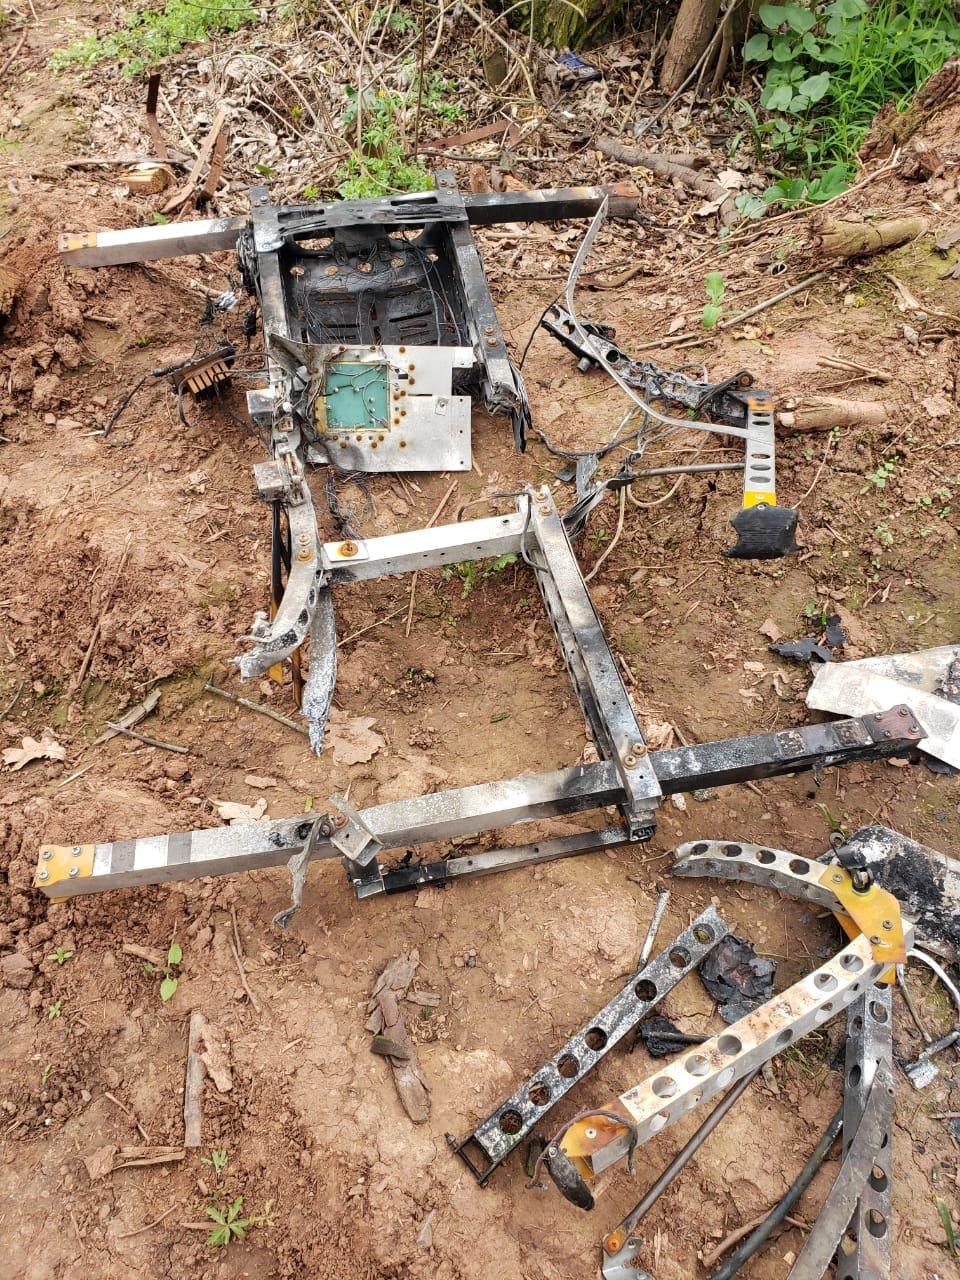 ВСУ сбили на Донбассе два российских беспилотника, - ФОТО  , фото-3